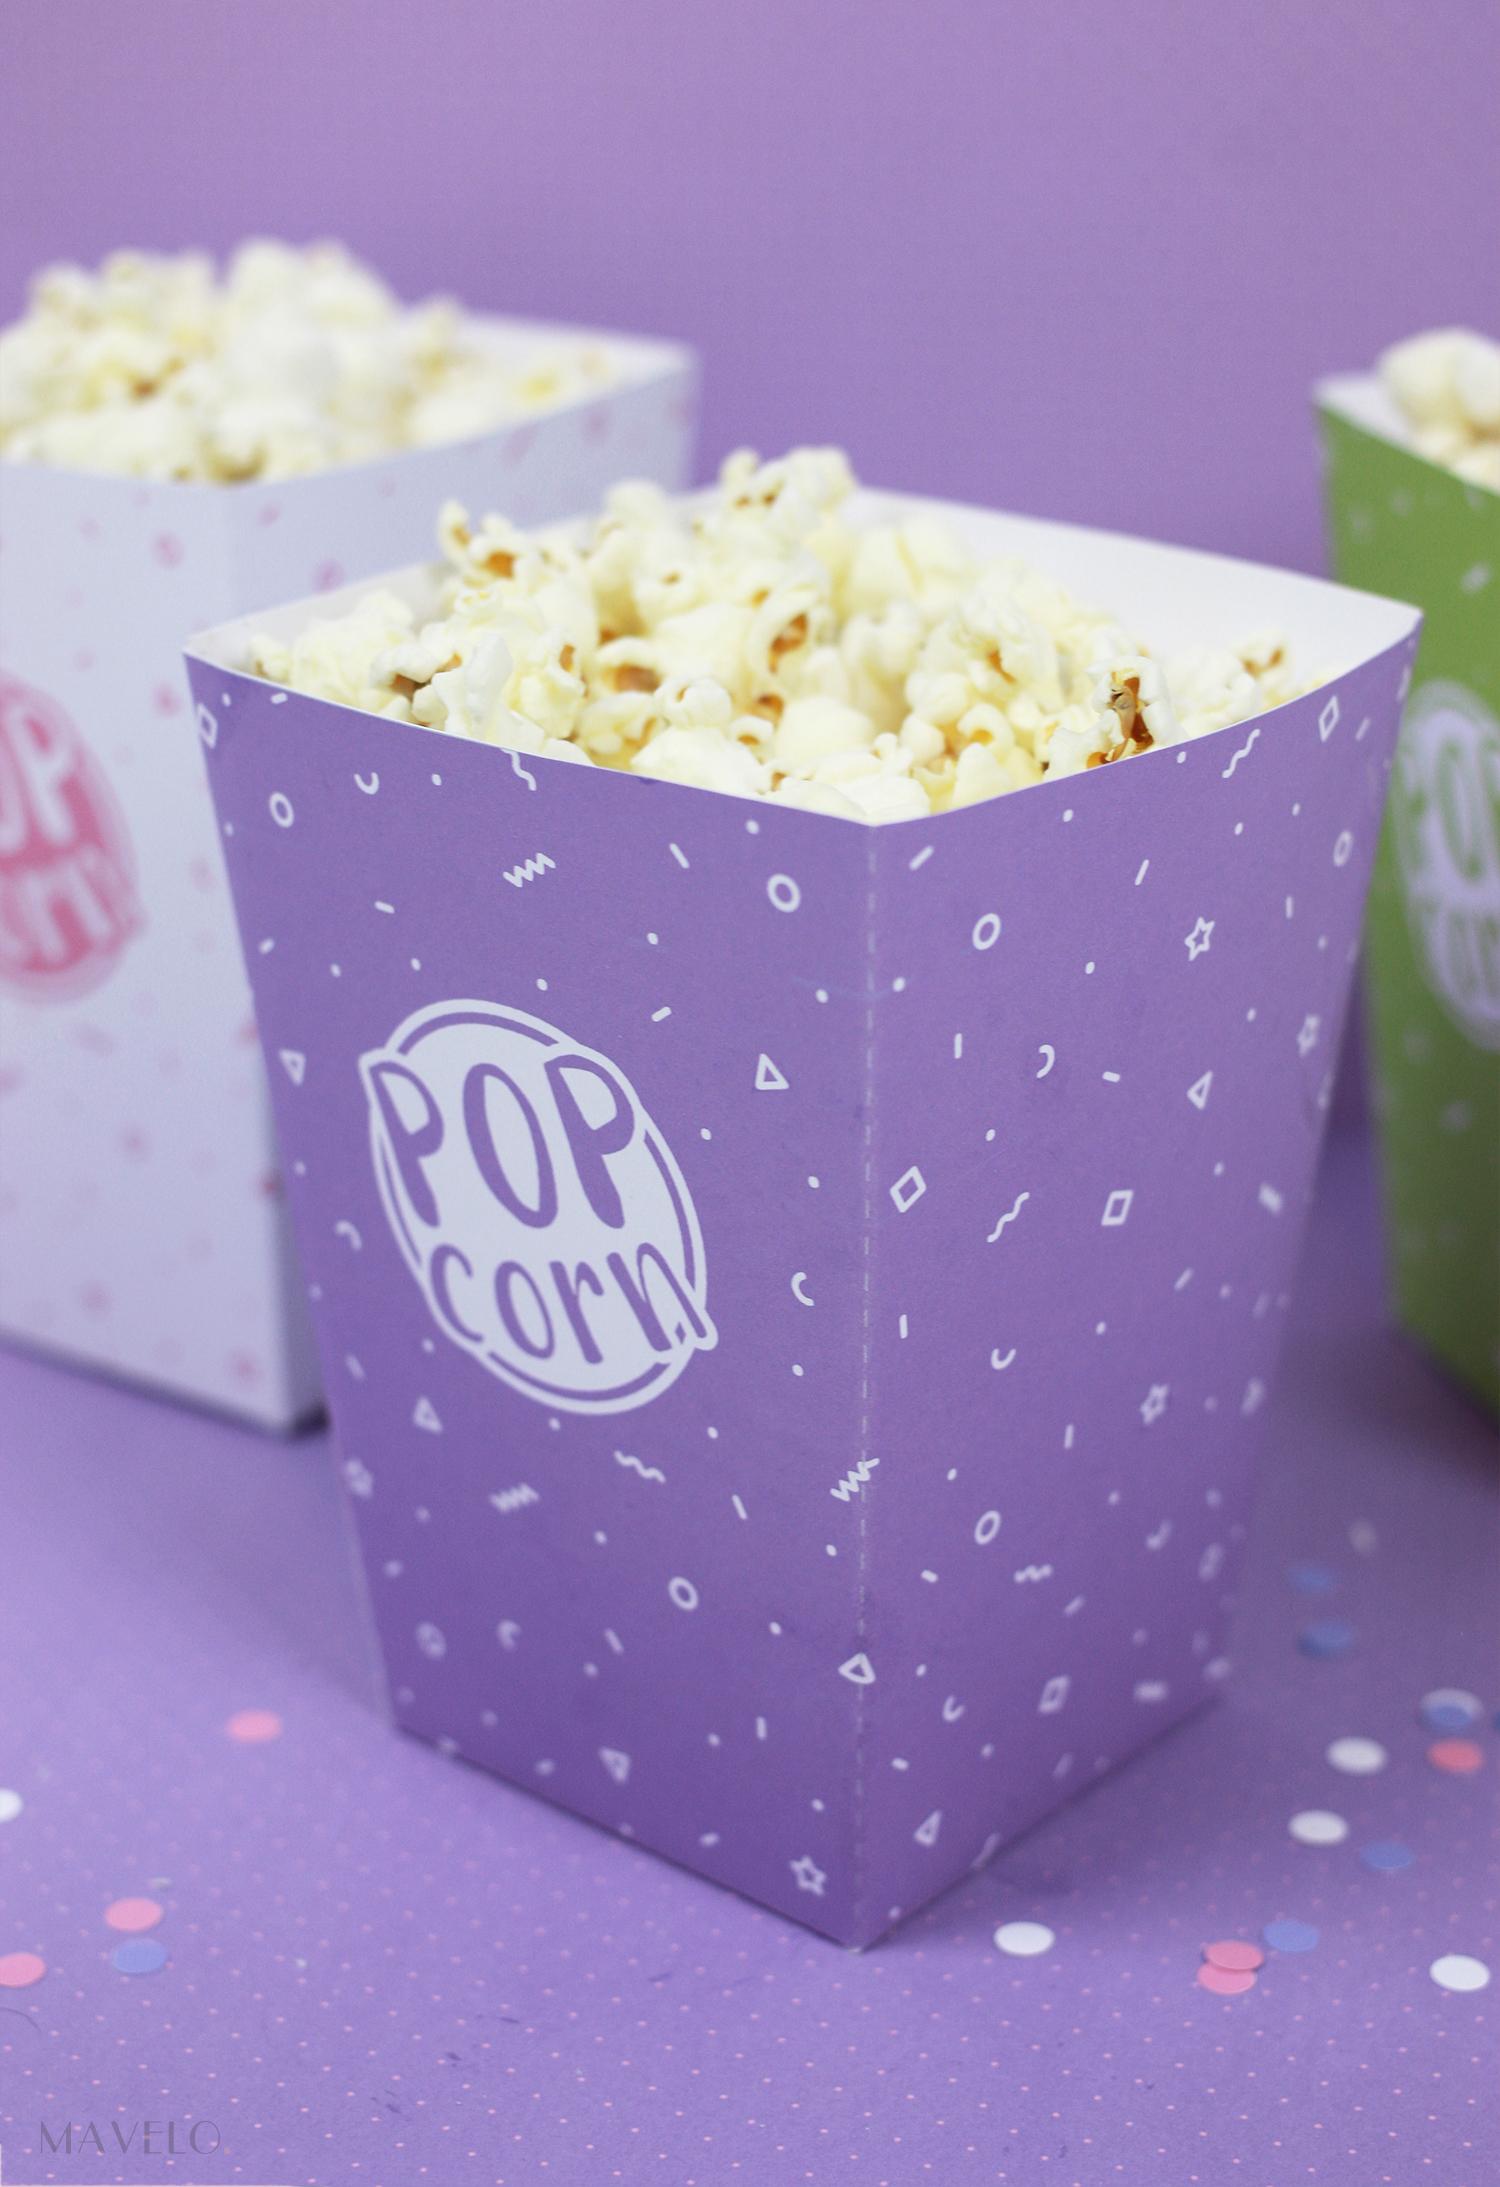 Pudełko na popcorn do druku / 12 kolorów / freebies